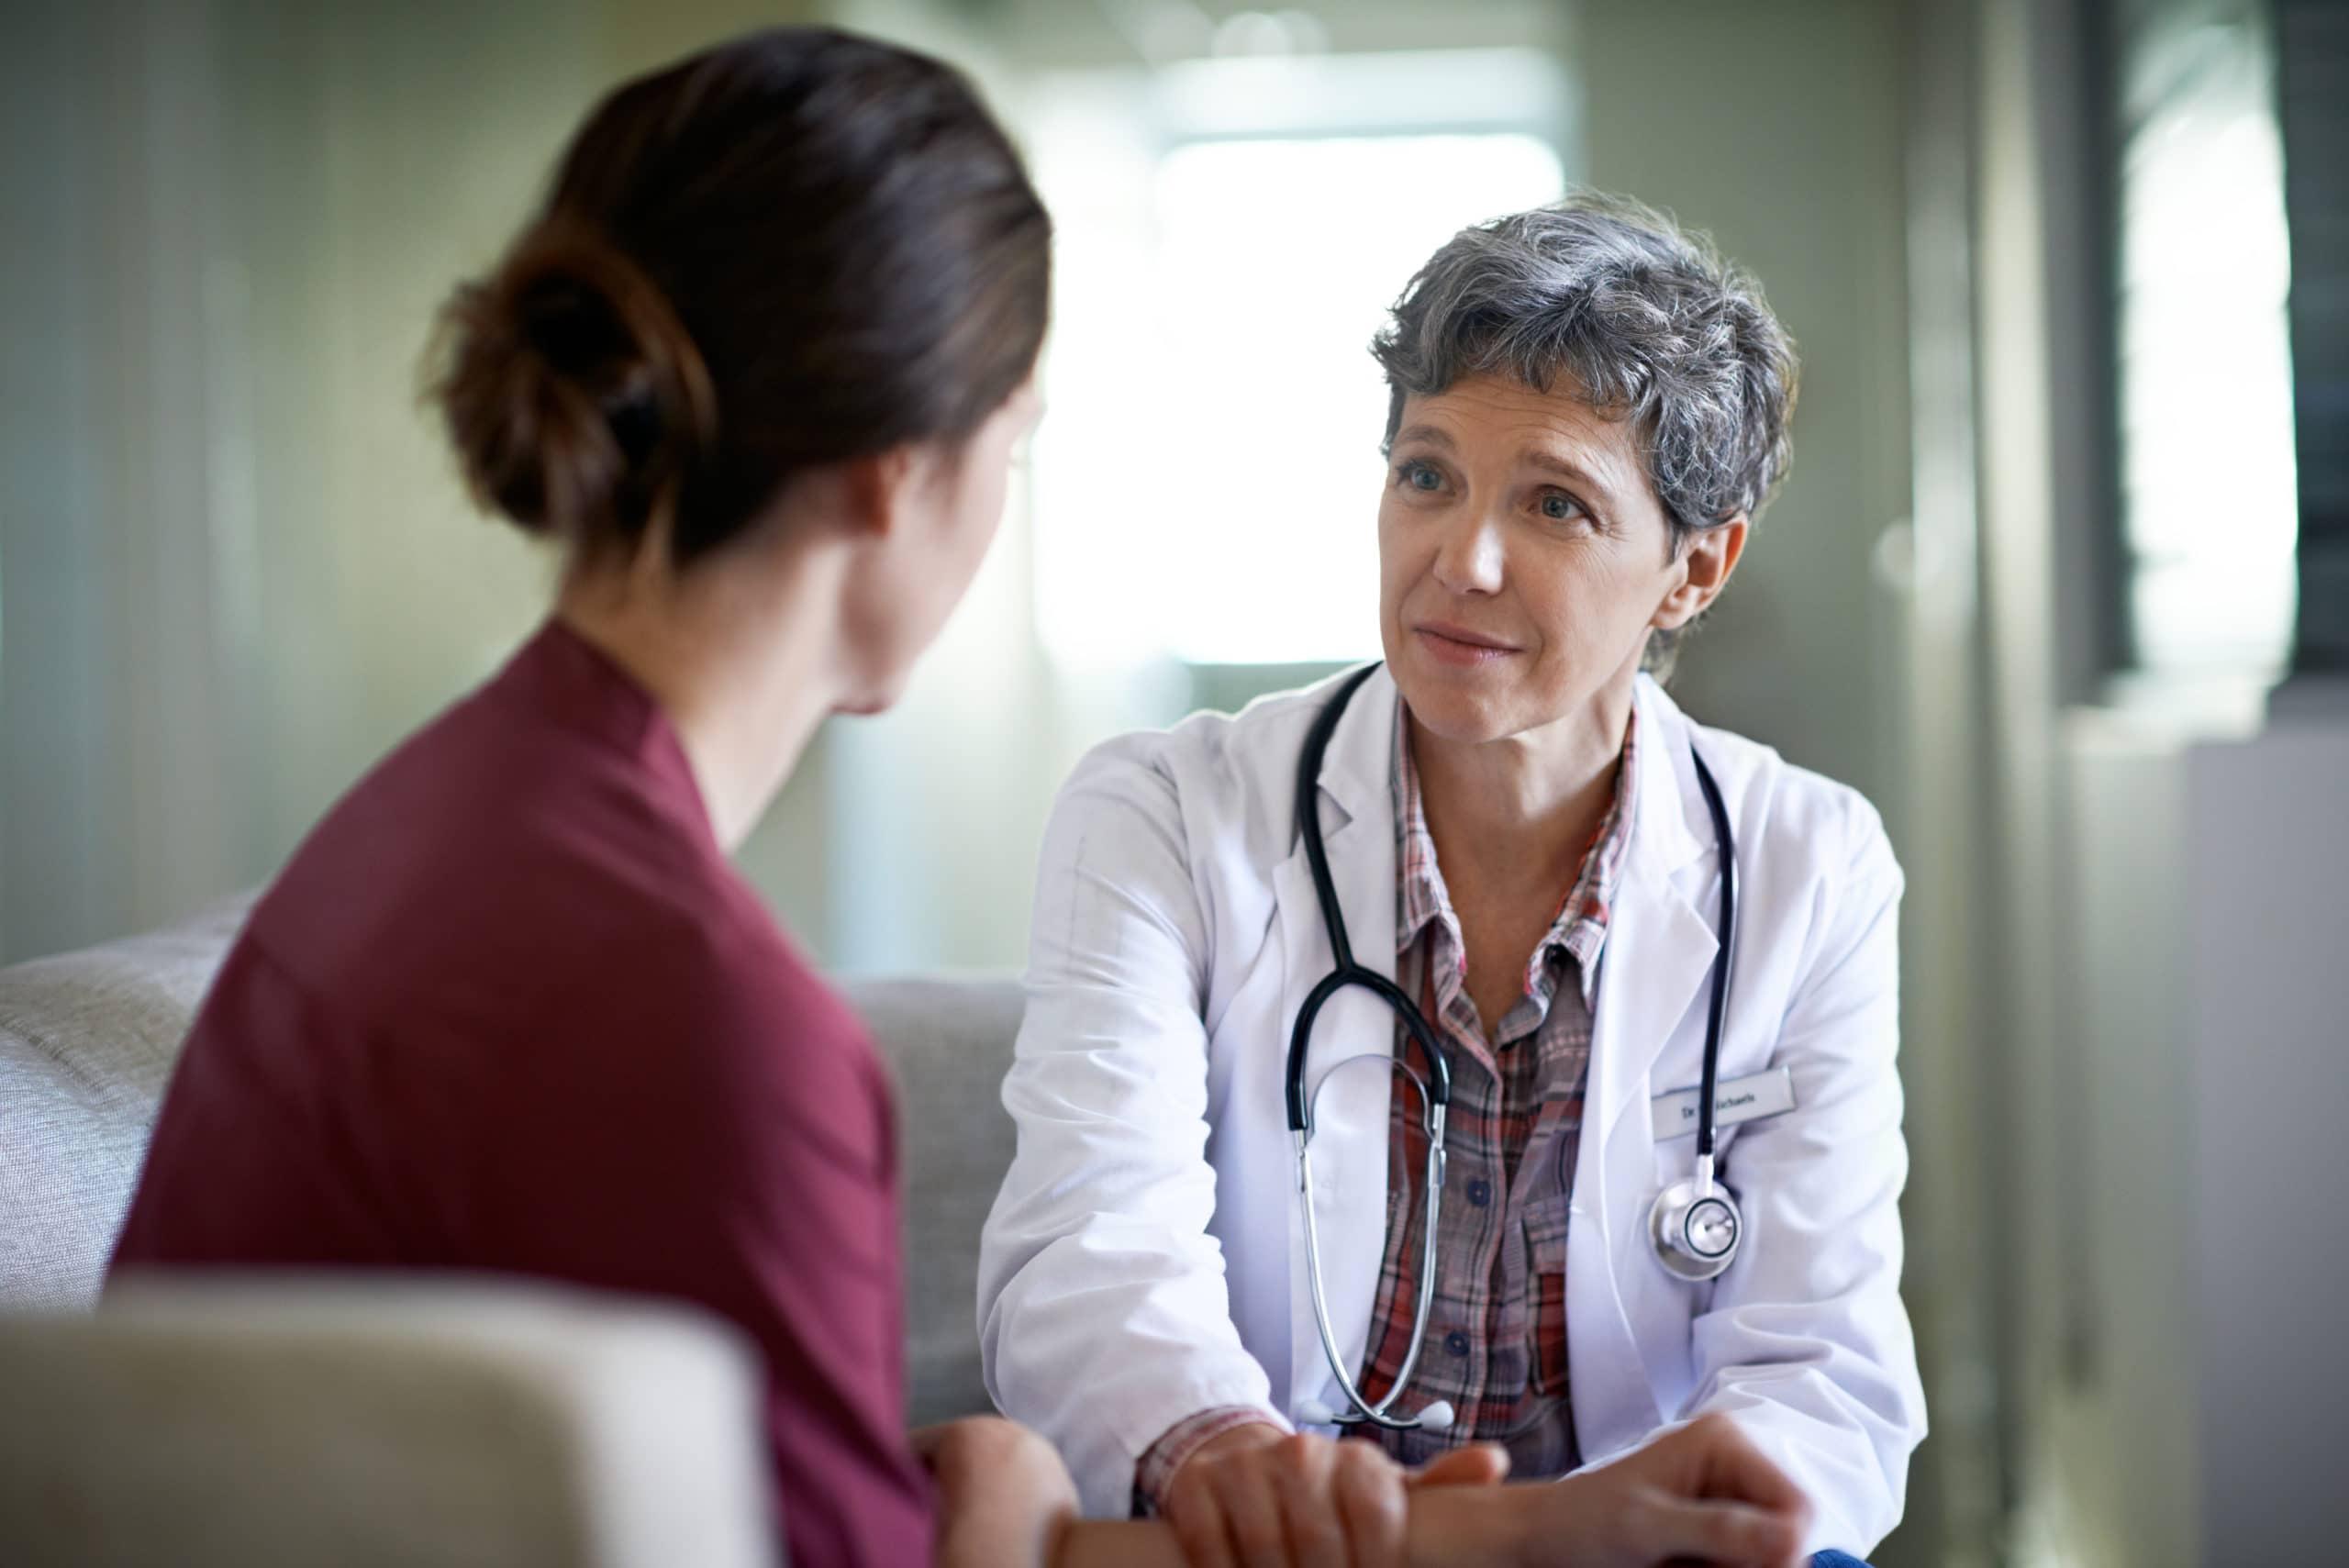 Eine Ärztin mit besorgtem berät ihre Patientin